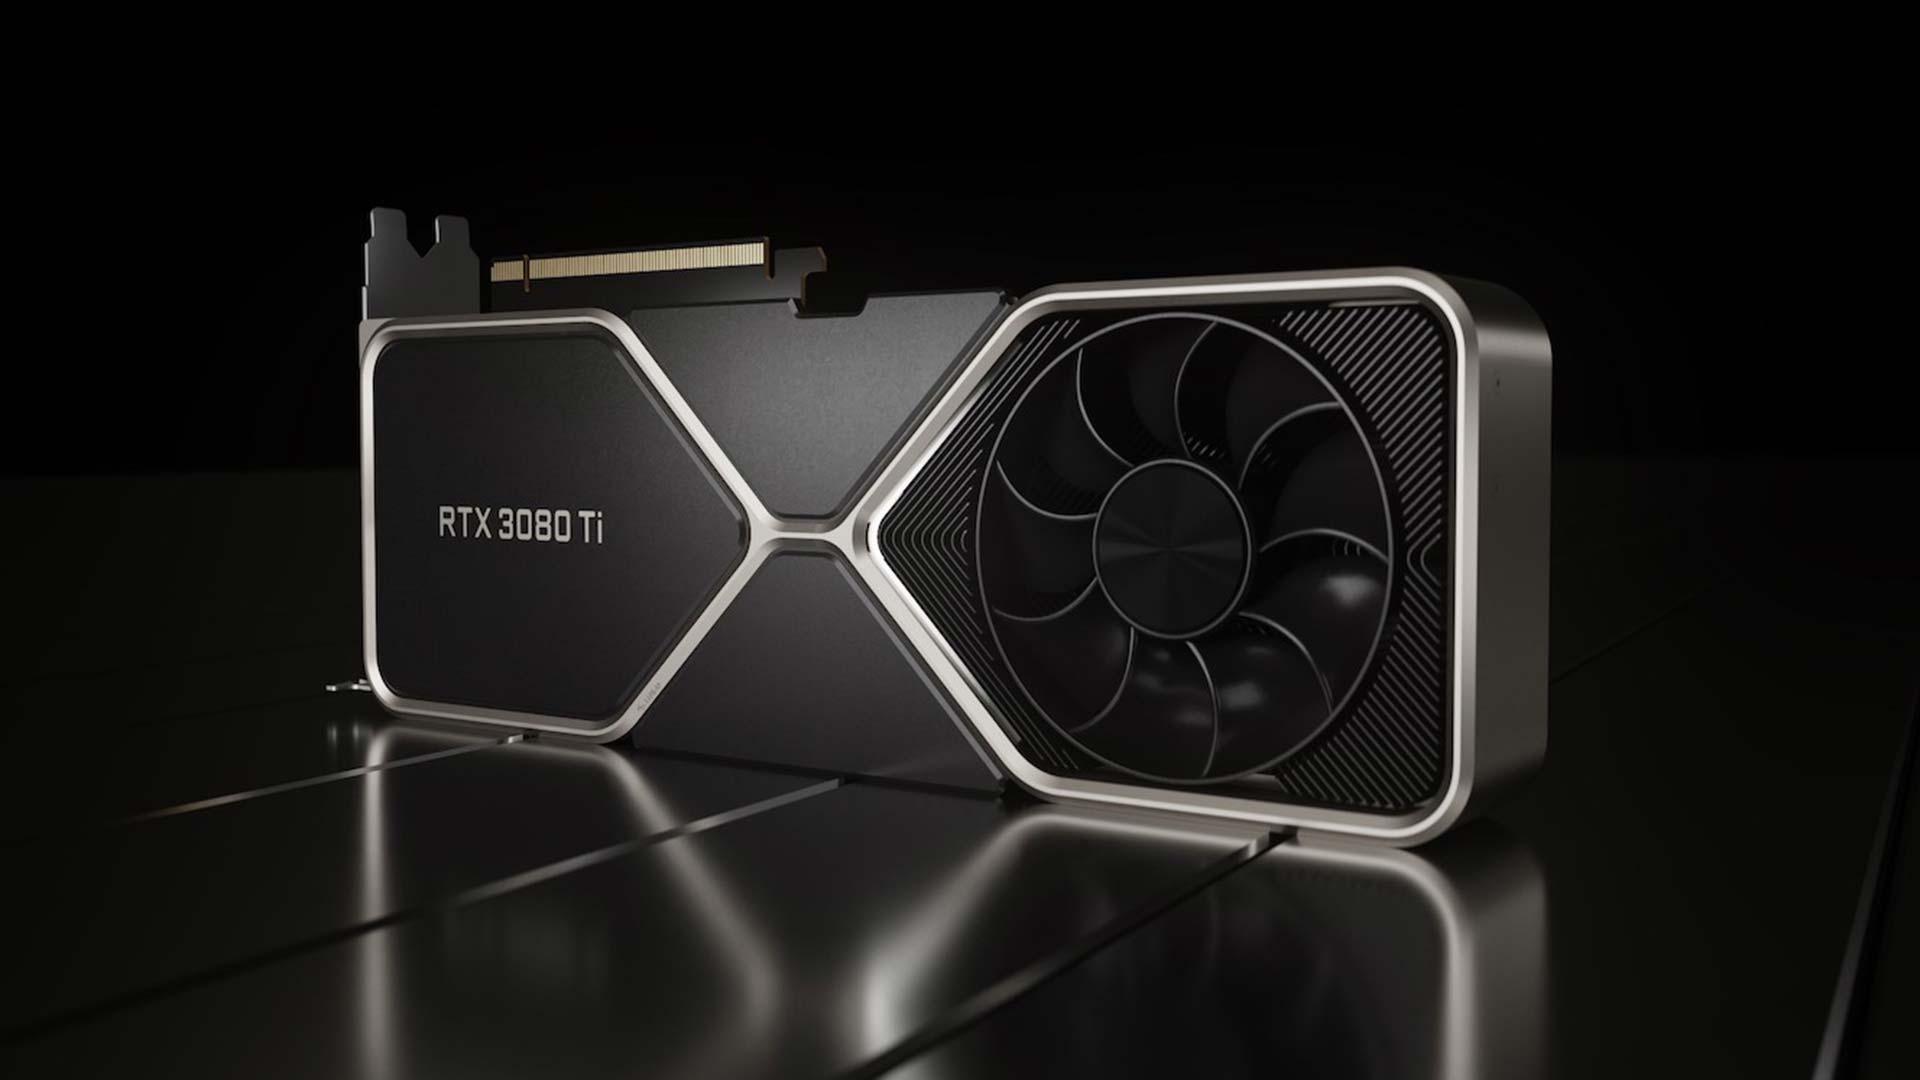 The Nvidia RTX 3080 Ti. Image: Nvidia.